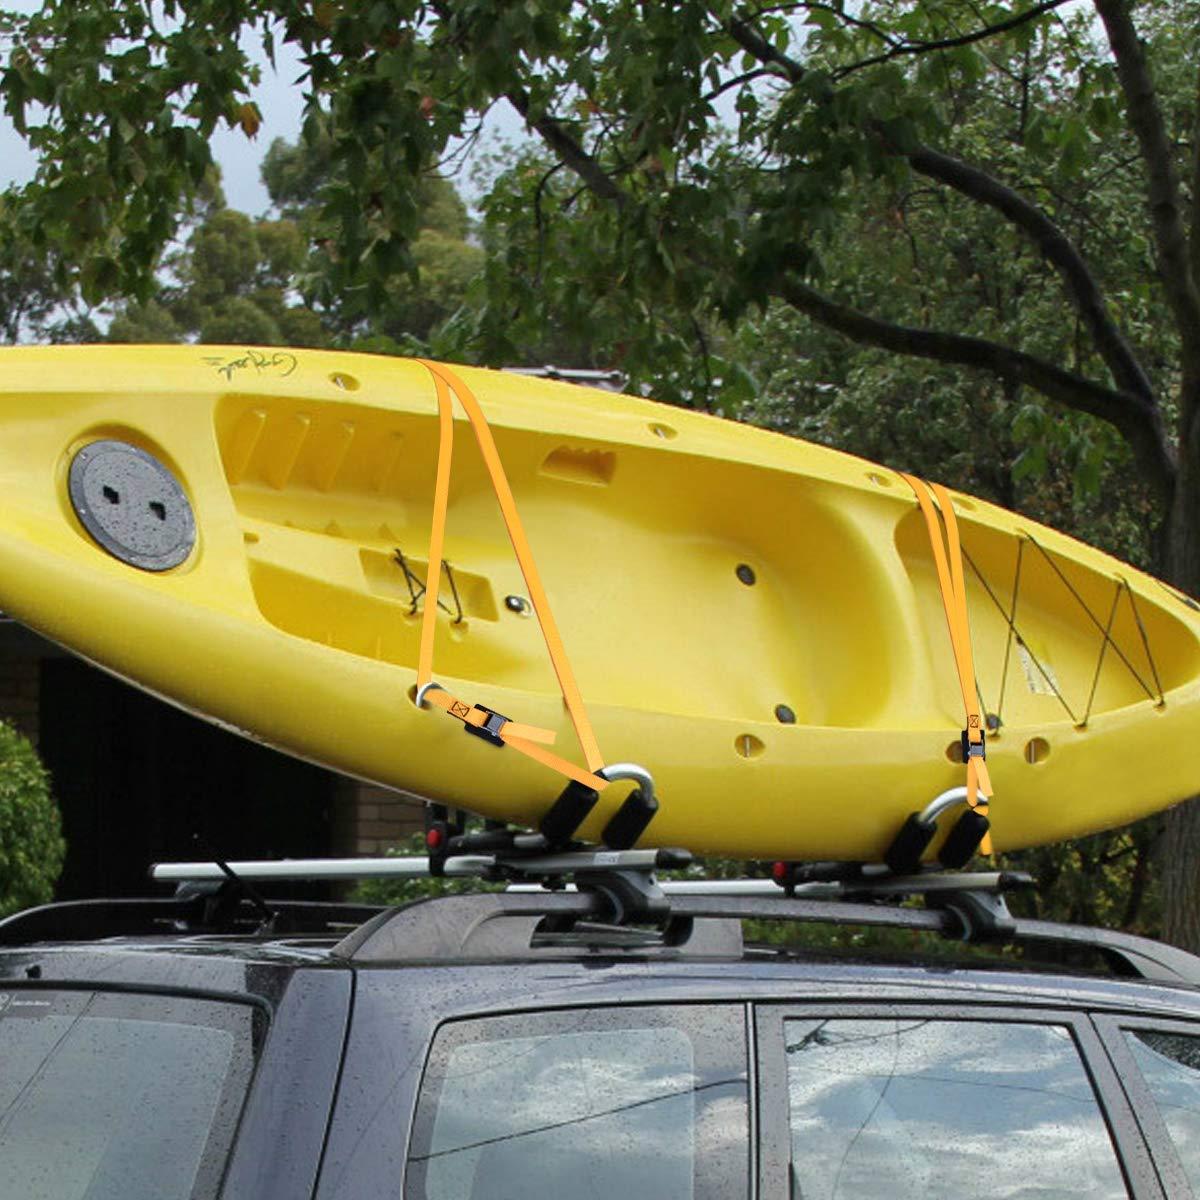 Jakago Lot de 4 sangles darrimage 2,5 x 4,3 m avec boucle de verrouillage /à came jusqu/à 272 kg pour chargement /équipement de pelouse kayak cano/ës